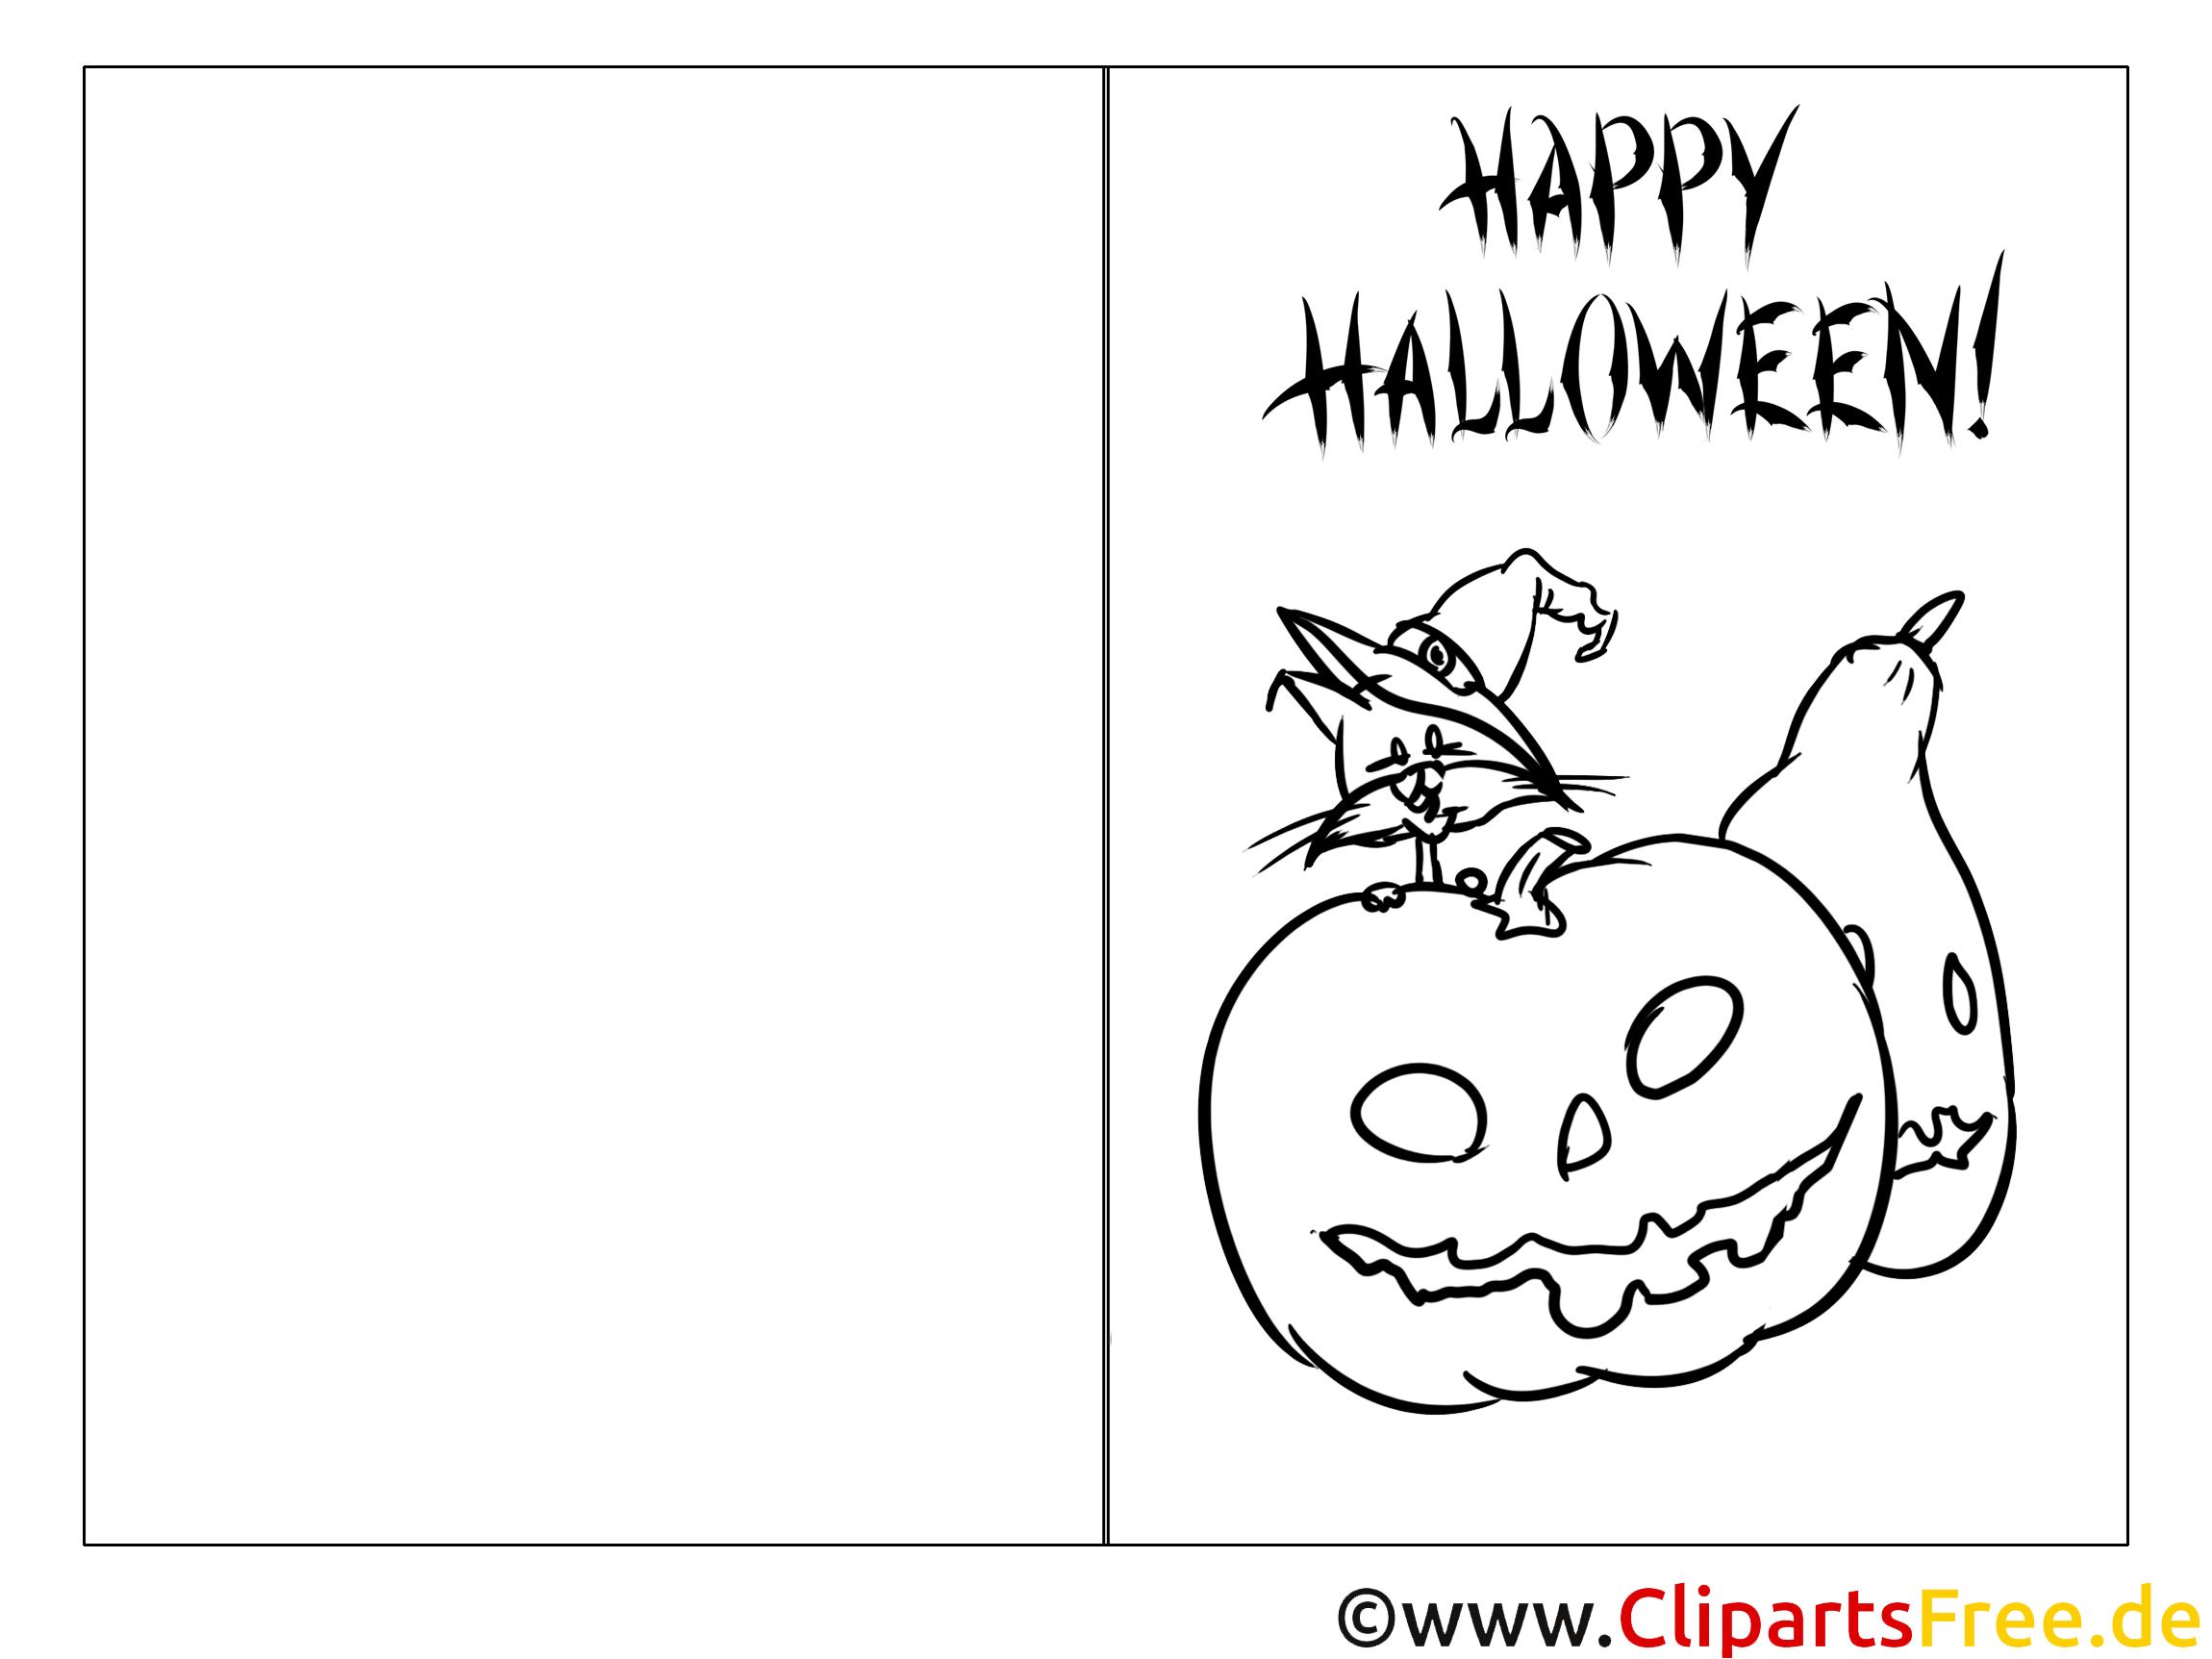 Gruselige Malvorlage zu Halloween